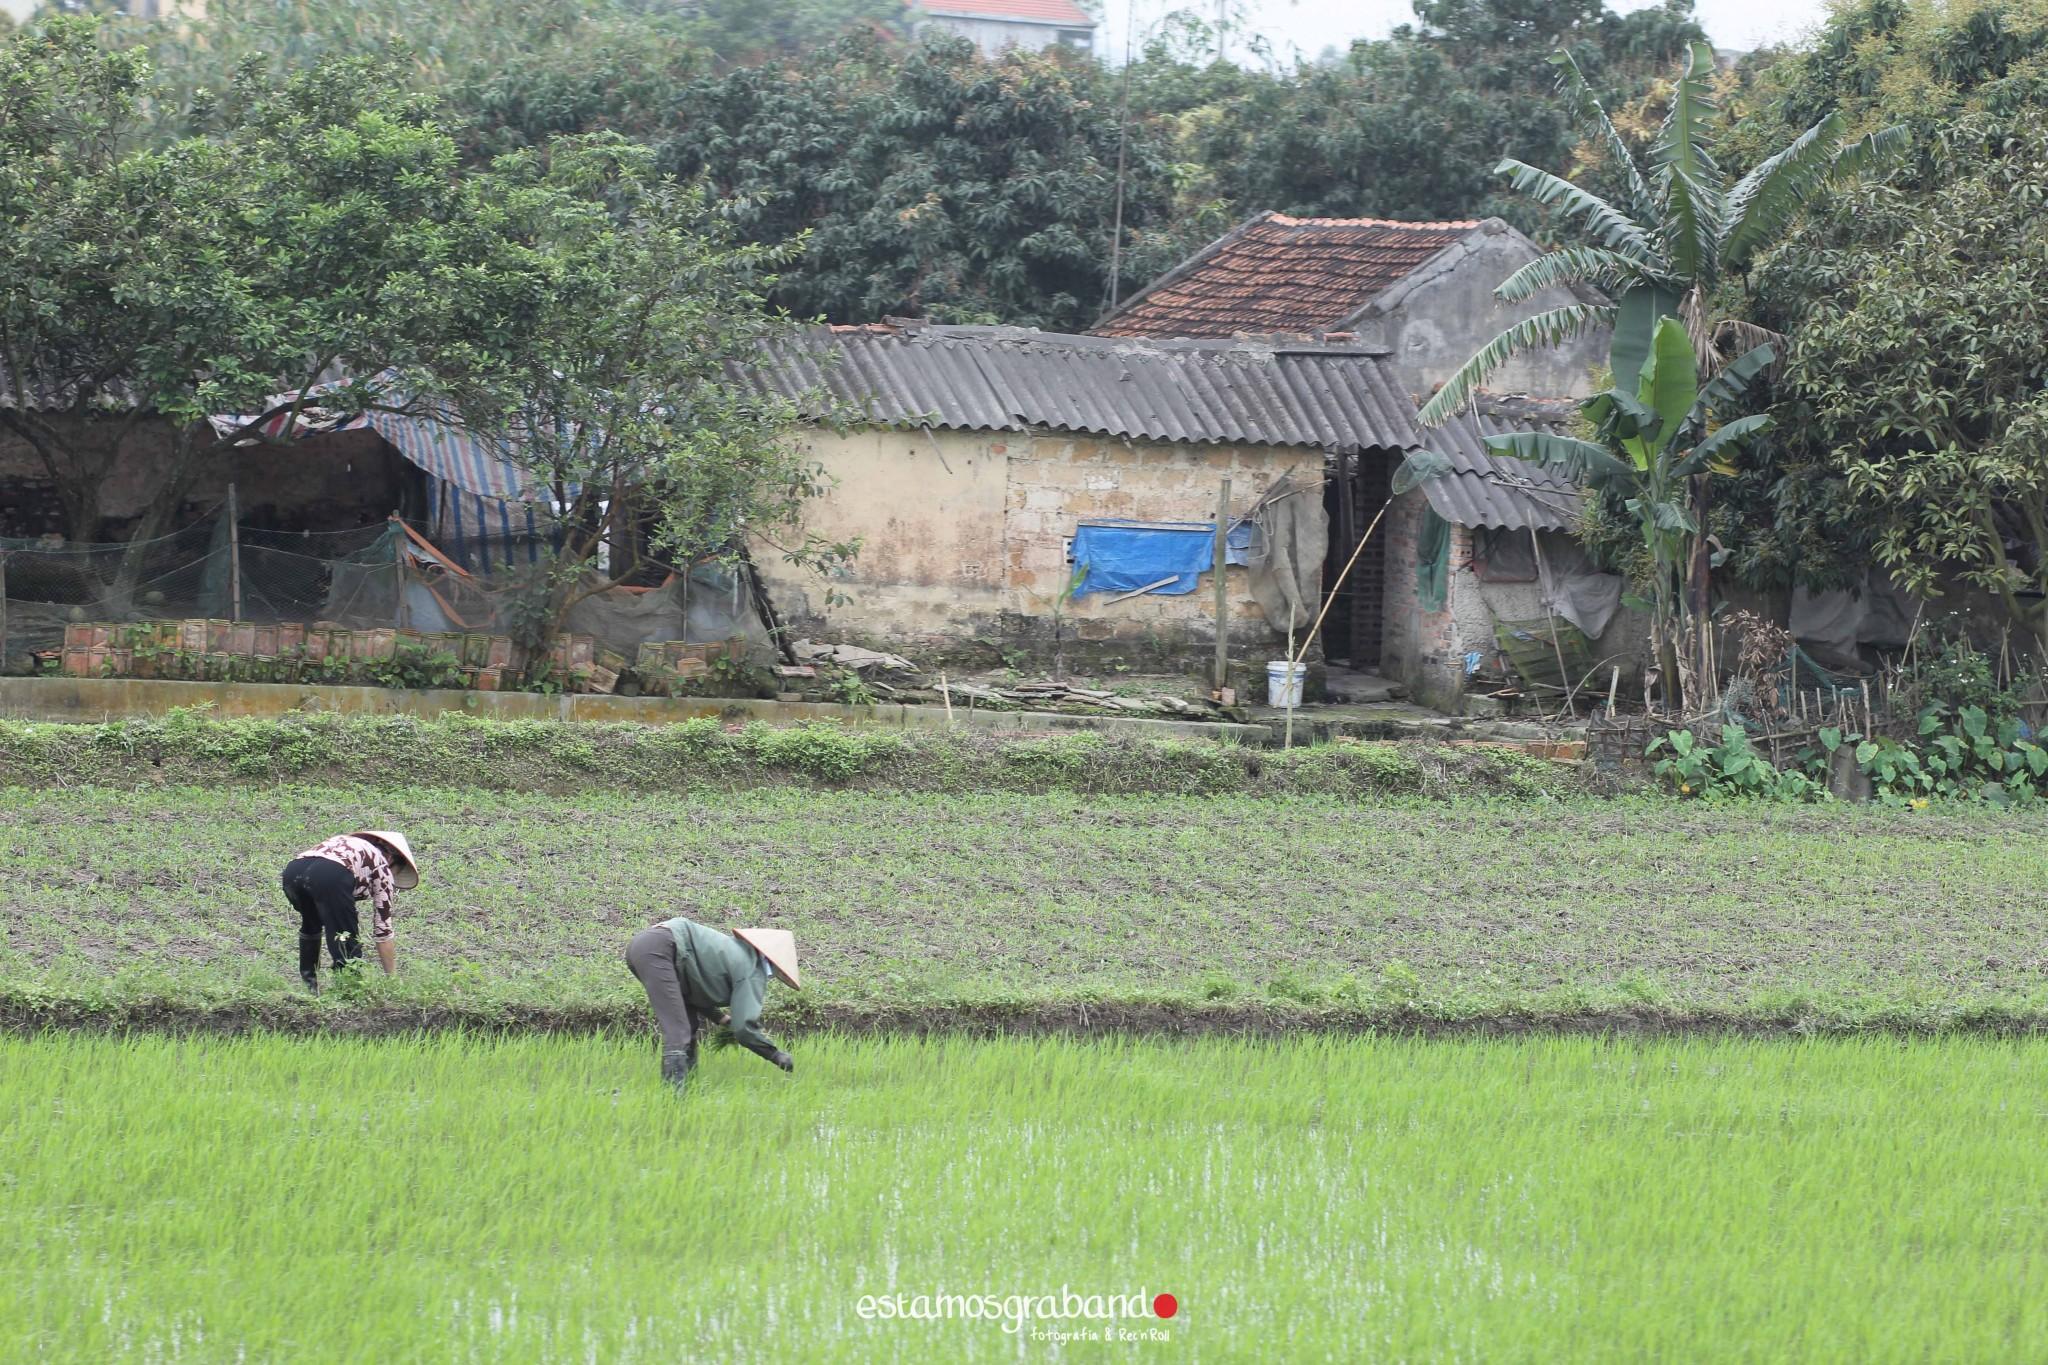 reportaje-vietnam_fotograficc81a-vietnam_estamosgrabando-vietnam_rutasvietnam_reportaje-retratos-fotos-vietnam_fotografia-vietnam_reportaje-estamosgrabando-fotograficc81a-vietnam-46 Pequeños grandes recuerdos de Vietnam en 100 imágenes - video boda cadiz